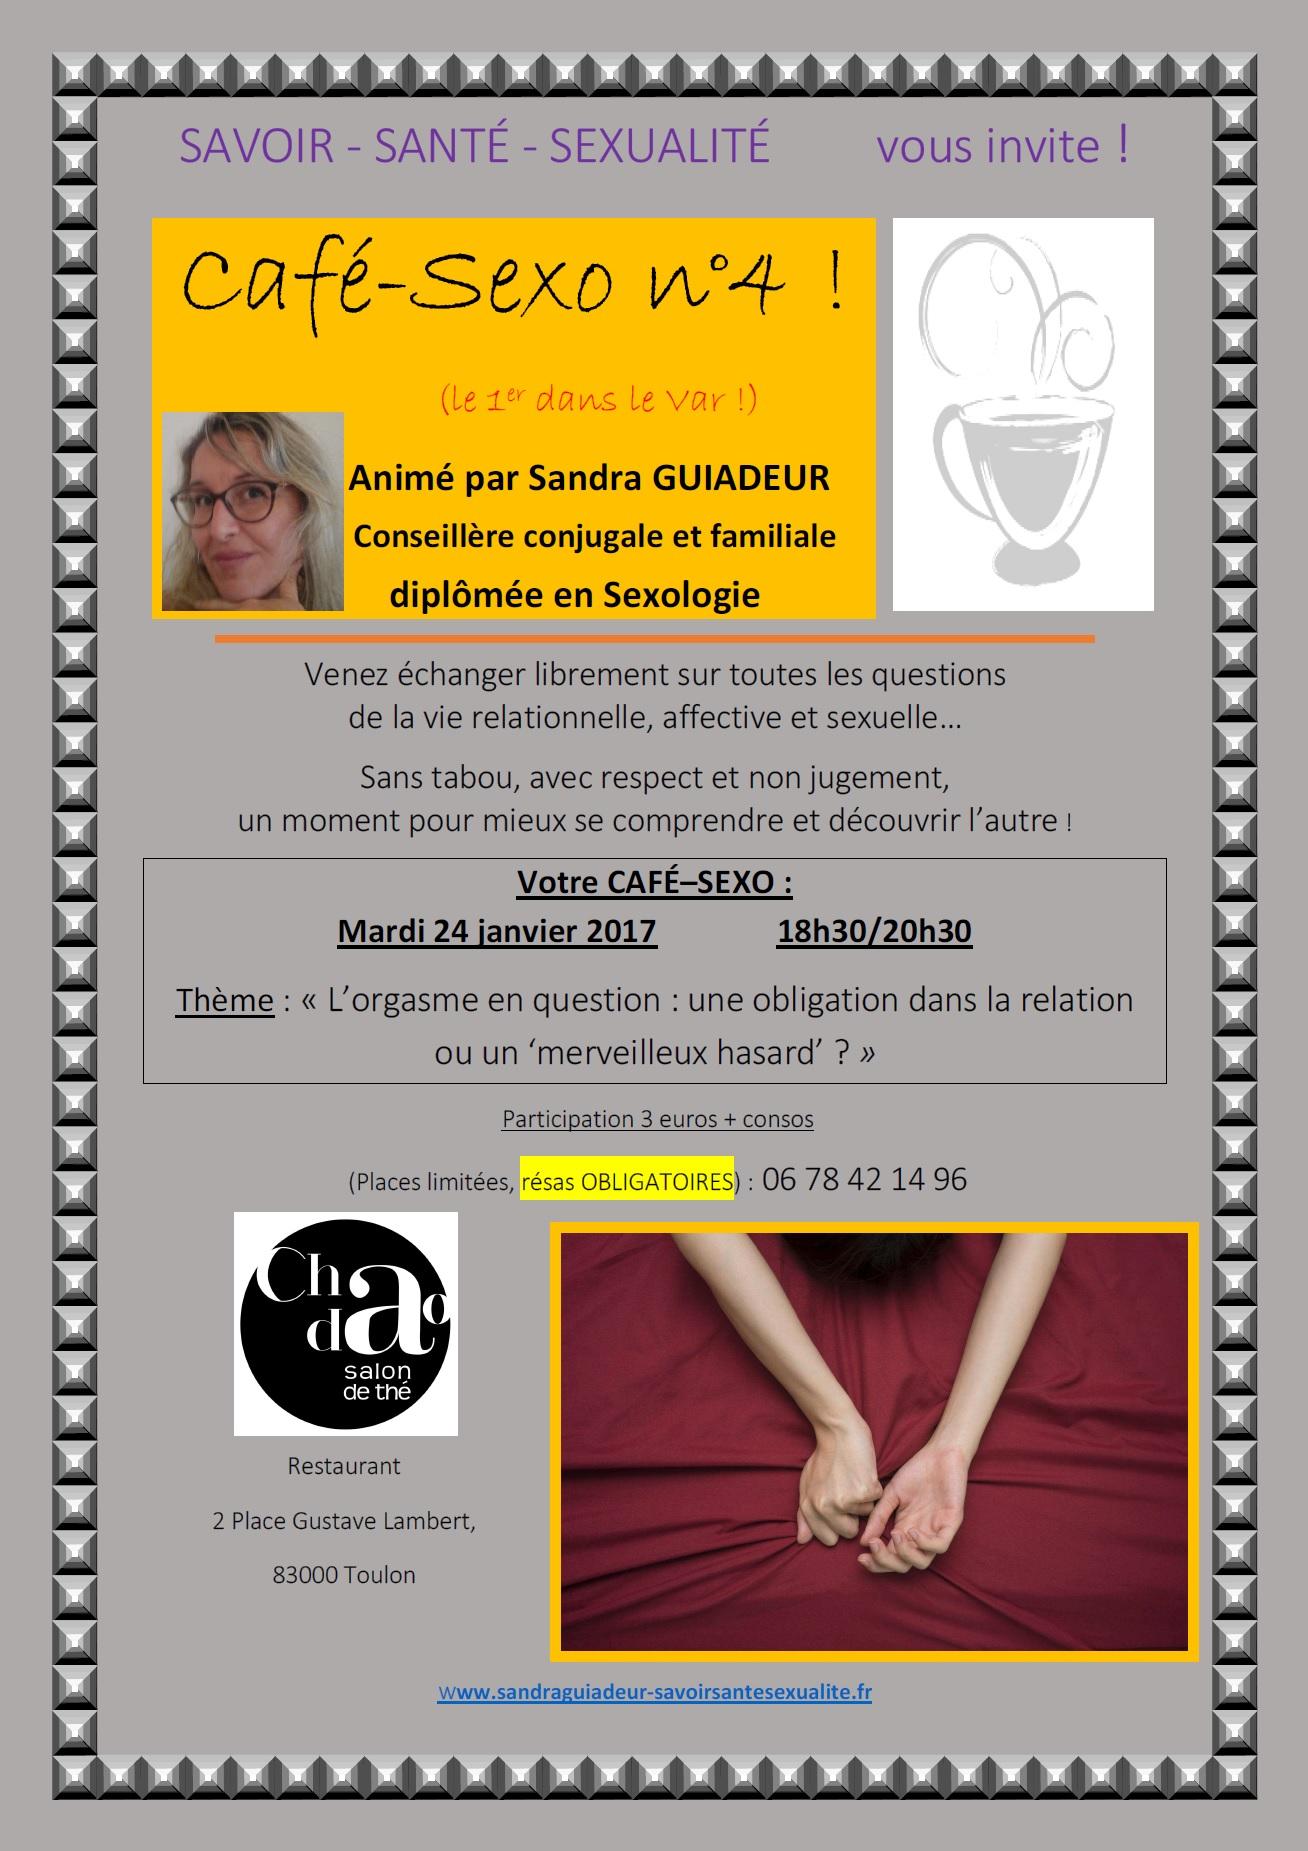 Affiche café-sexo savoir santé sexualité n°4